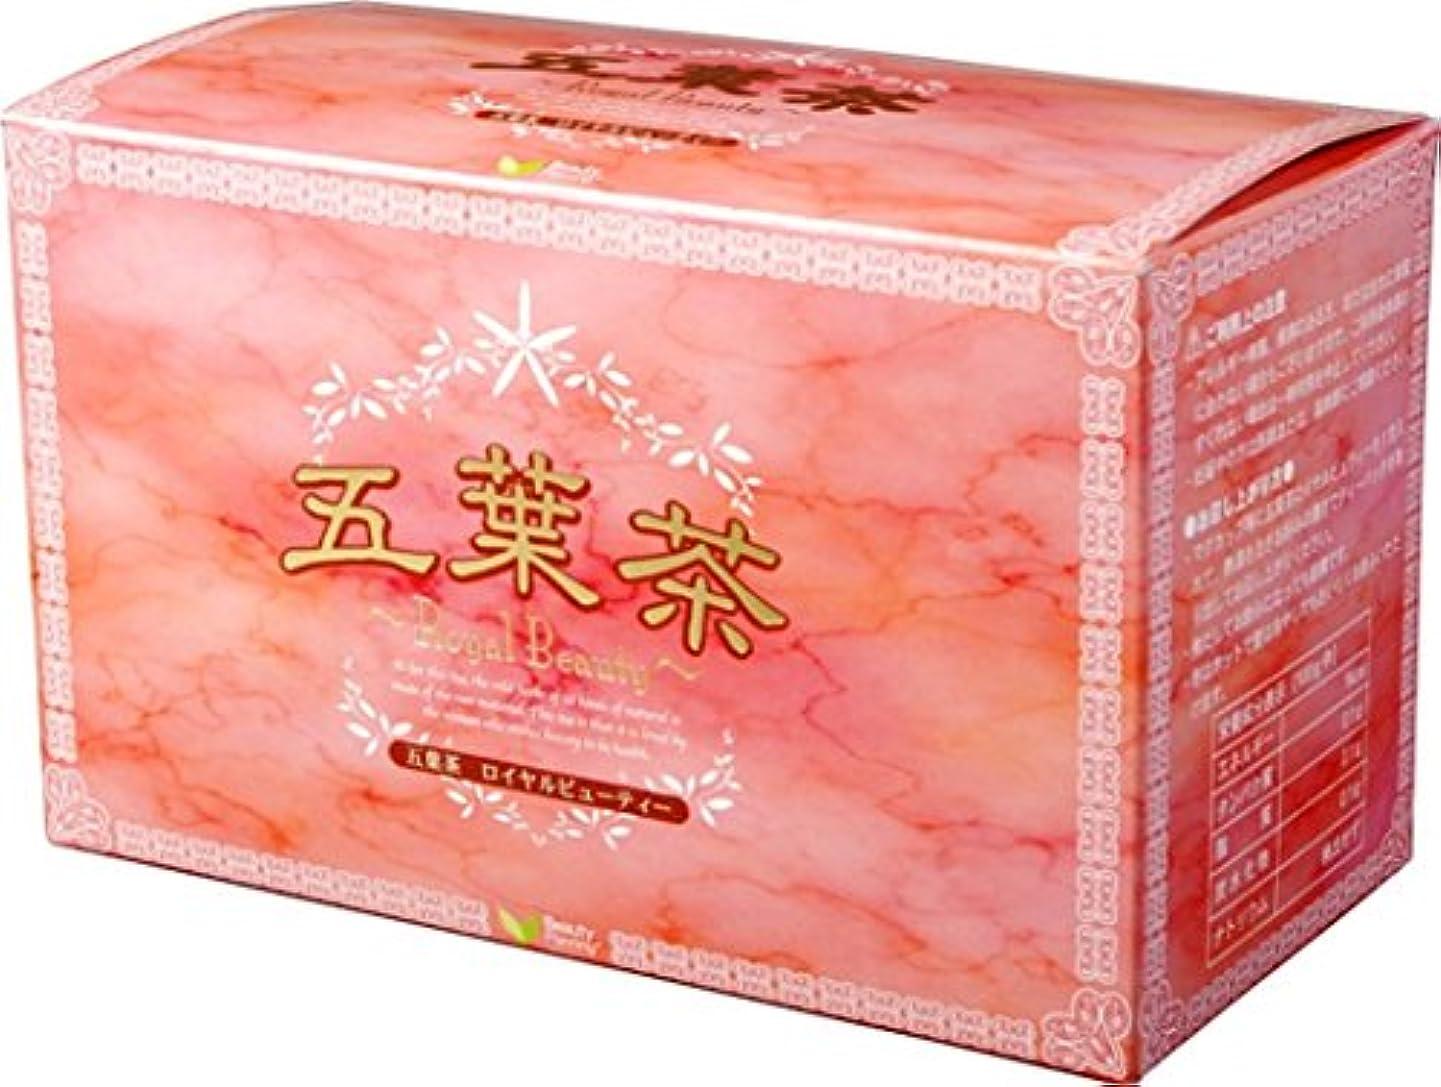 サイクル熱帯の指導する五葉茶 ロイヤルビューティー 30包